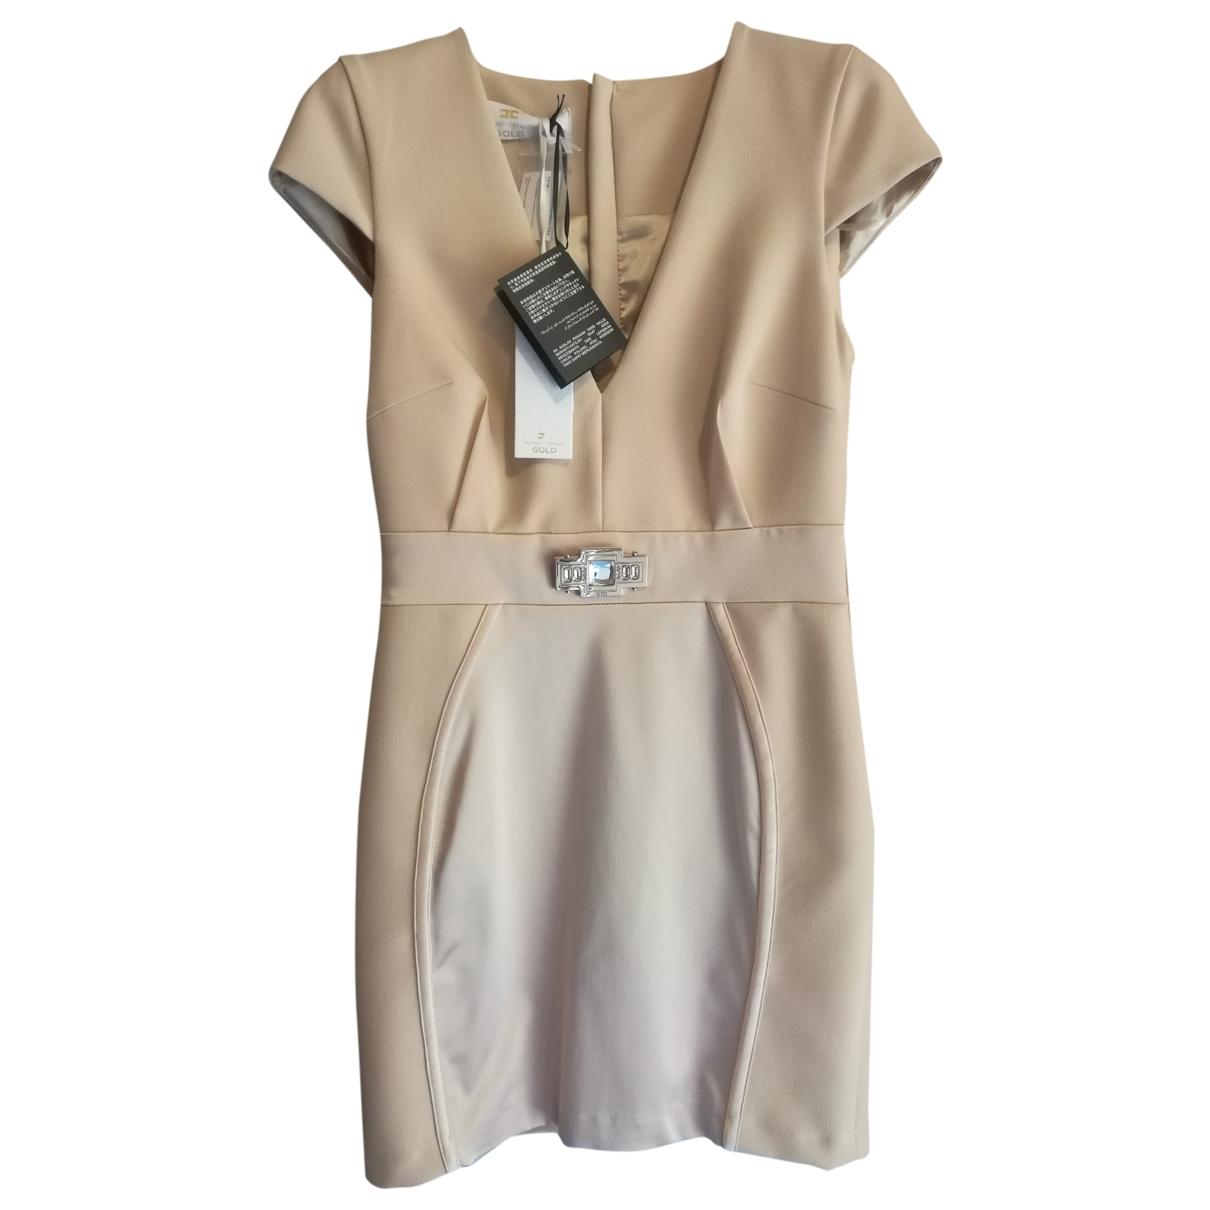 Elisabetta Franchi \N Beige dress for Women 42 IT